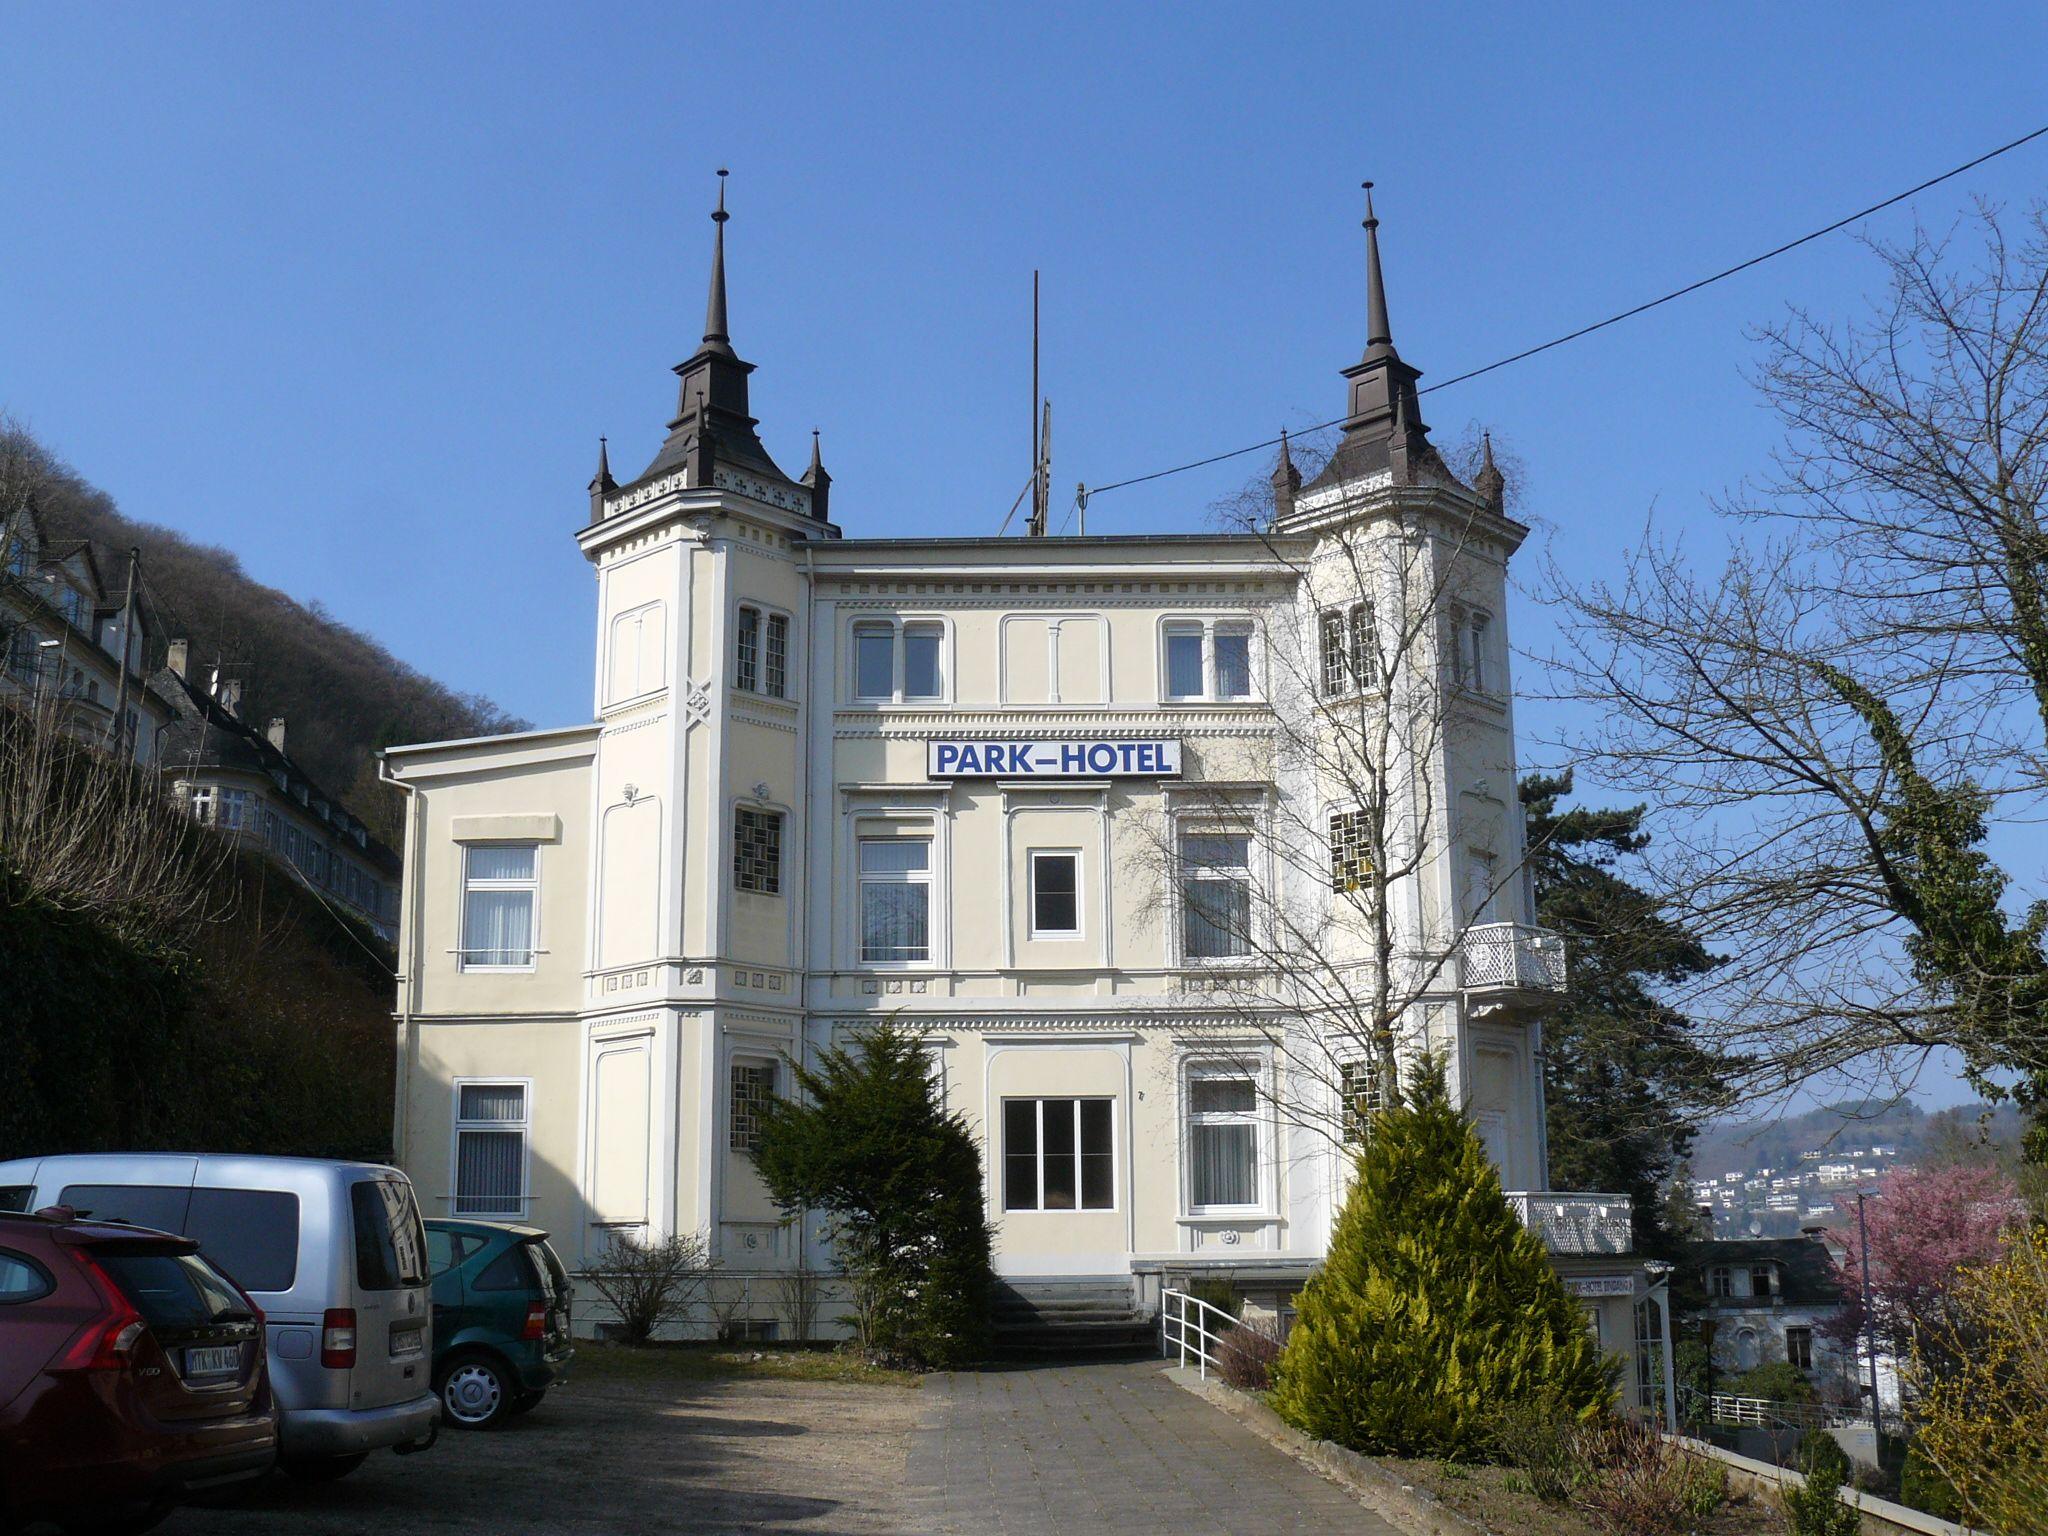 Park Hotel Villa Bad Salzig Romerstra Ef Bf Bde   Boppard